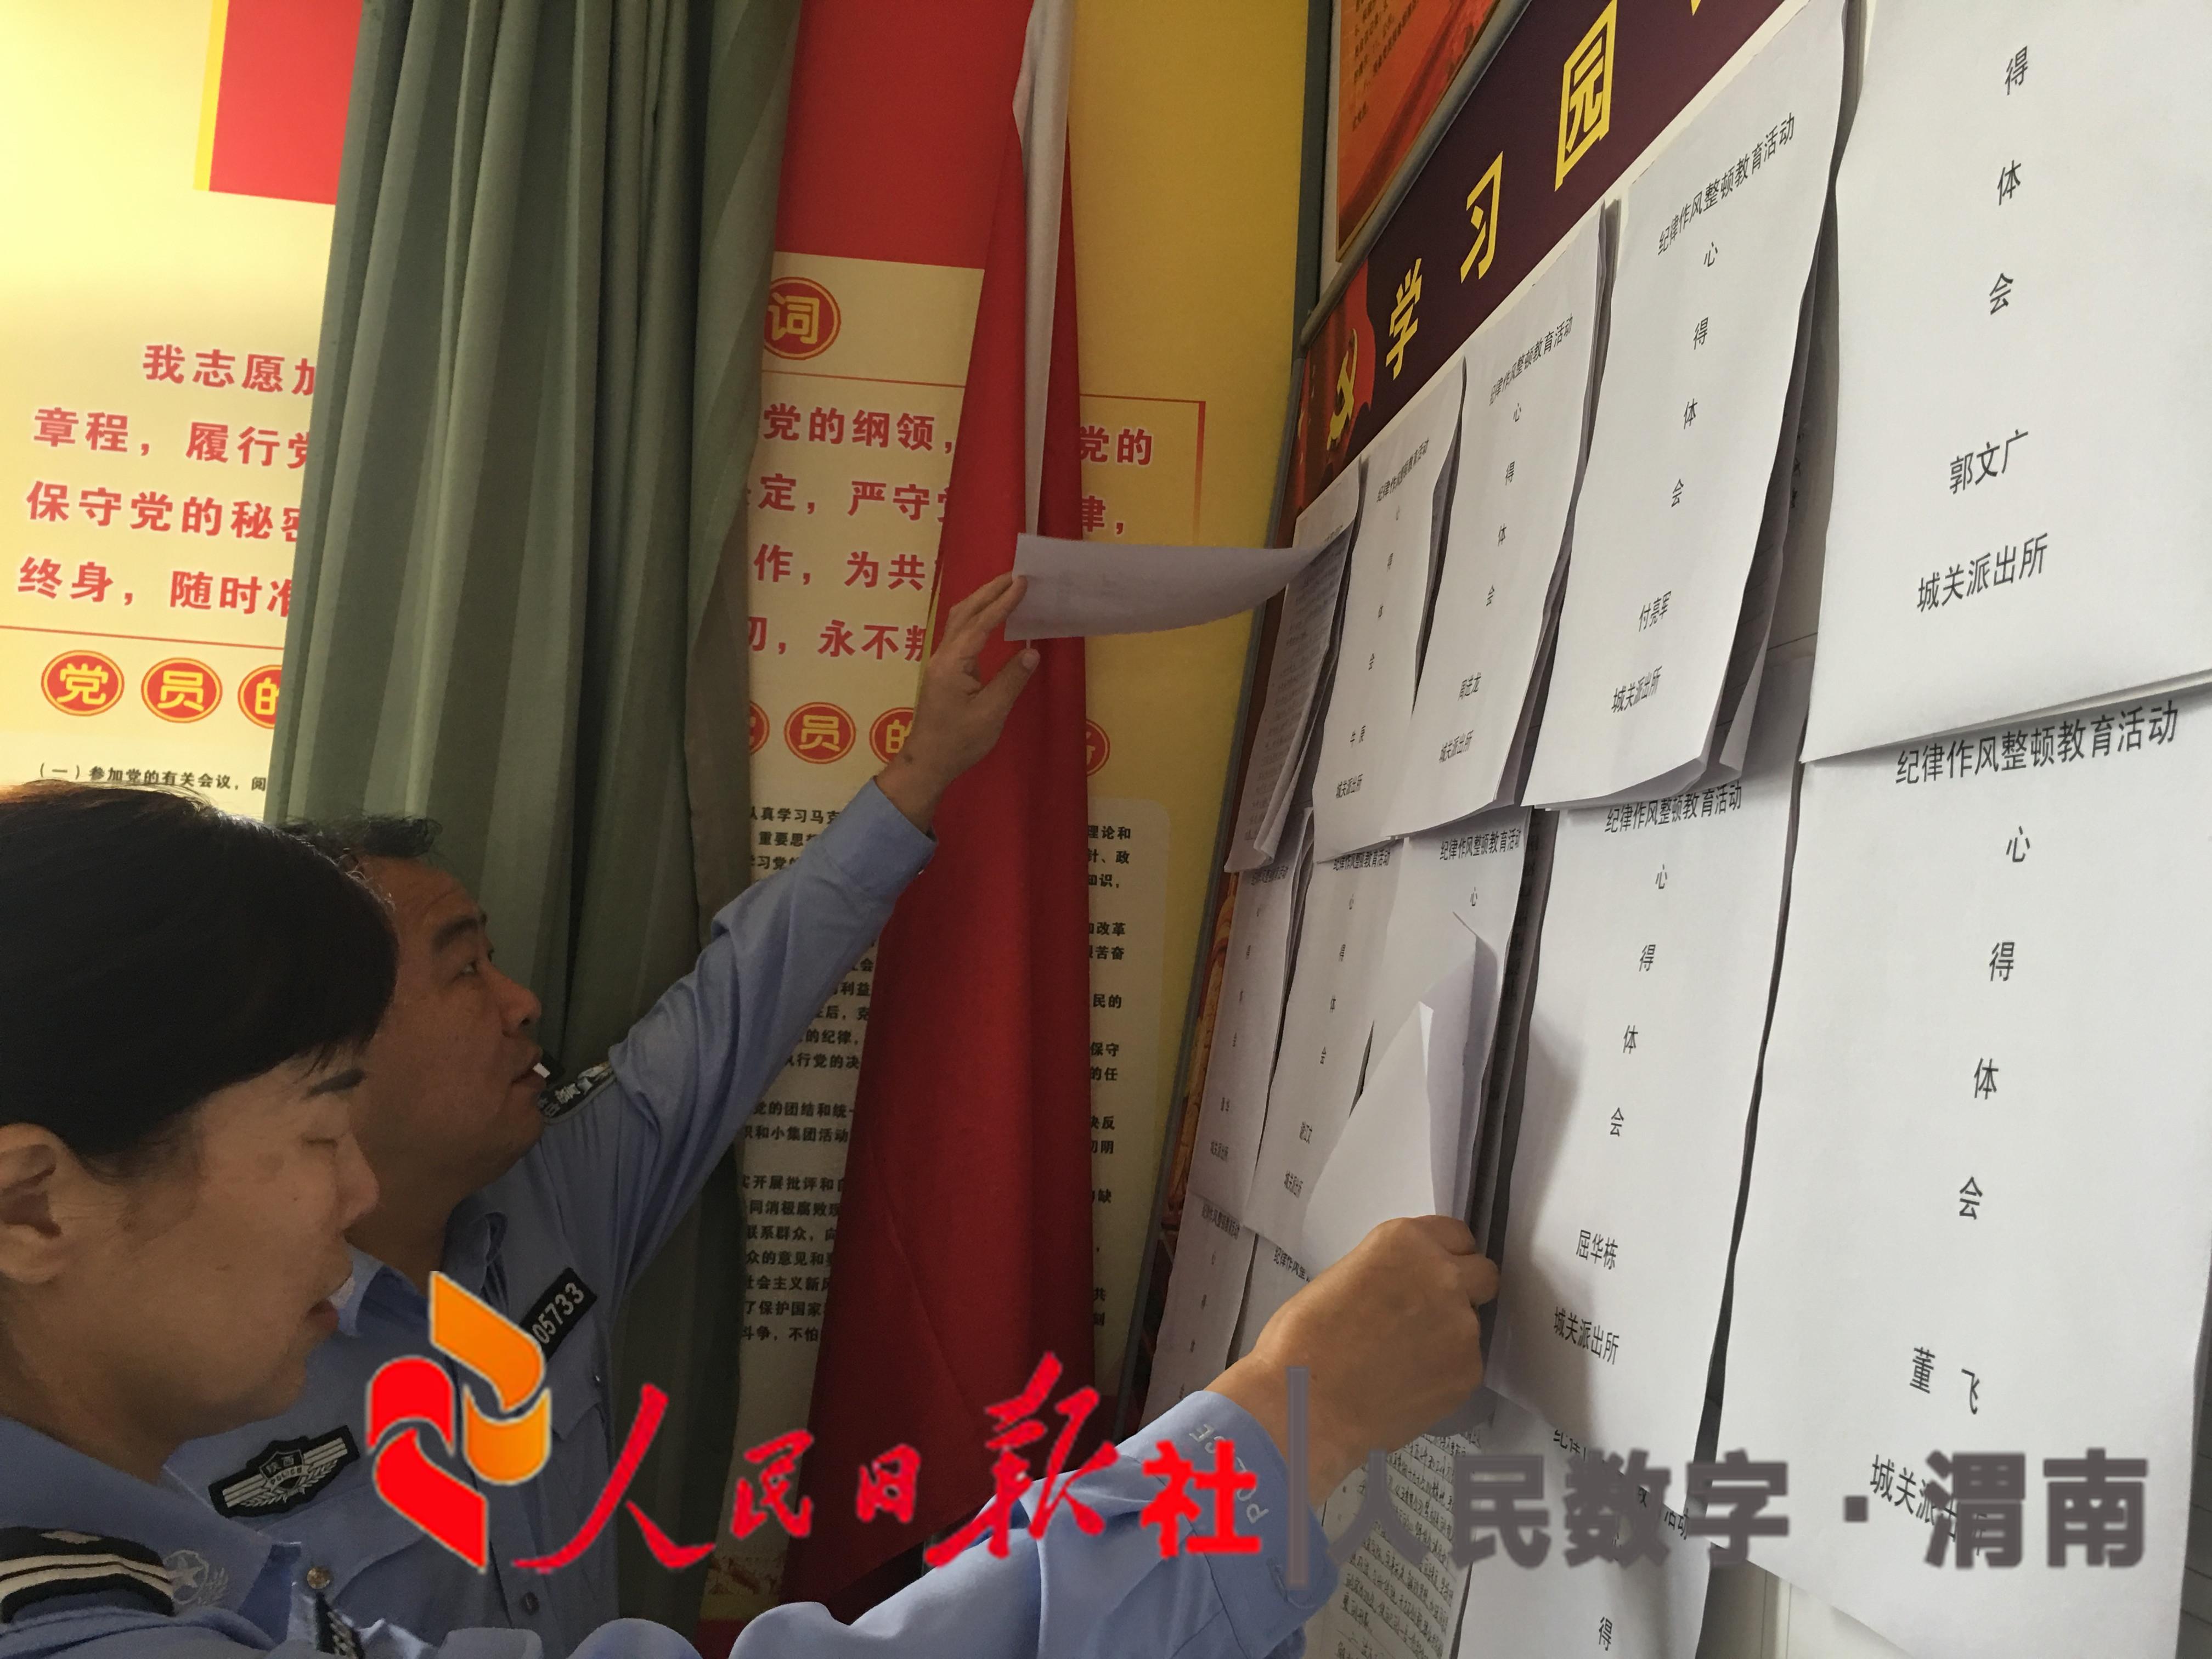 学生纪律主题的黑板报设计模板-遵规守纪做文明人 - 5068儿童网